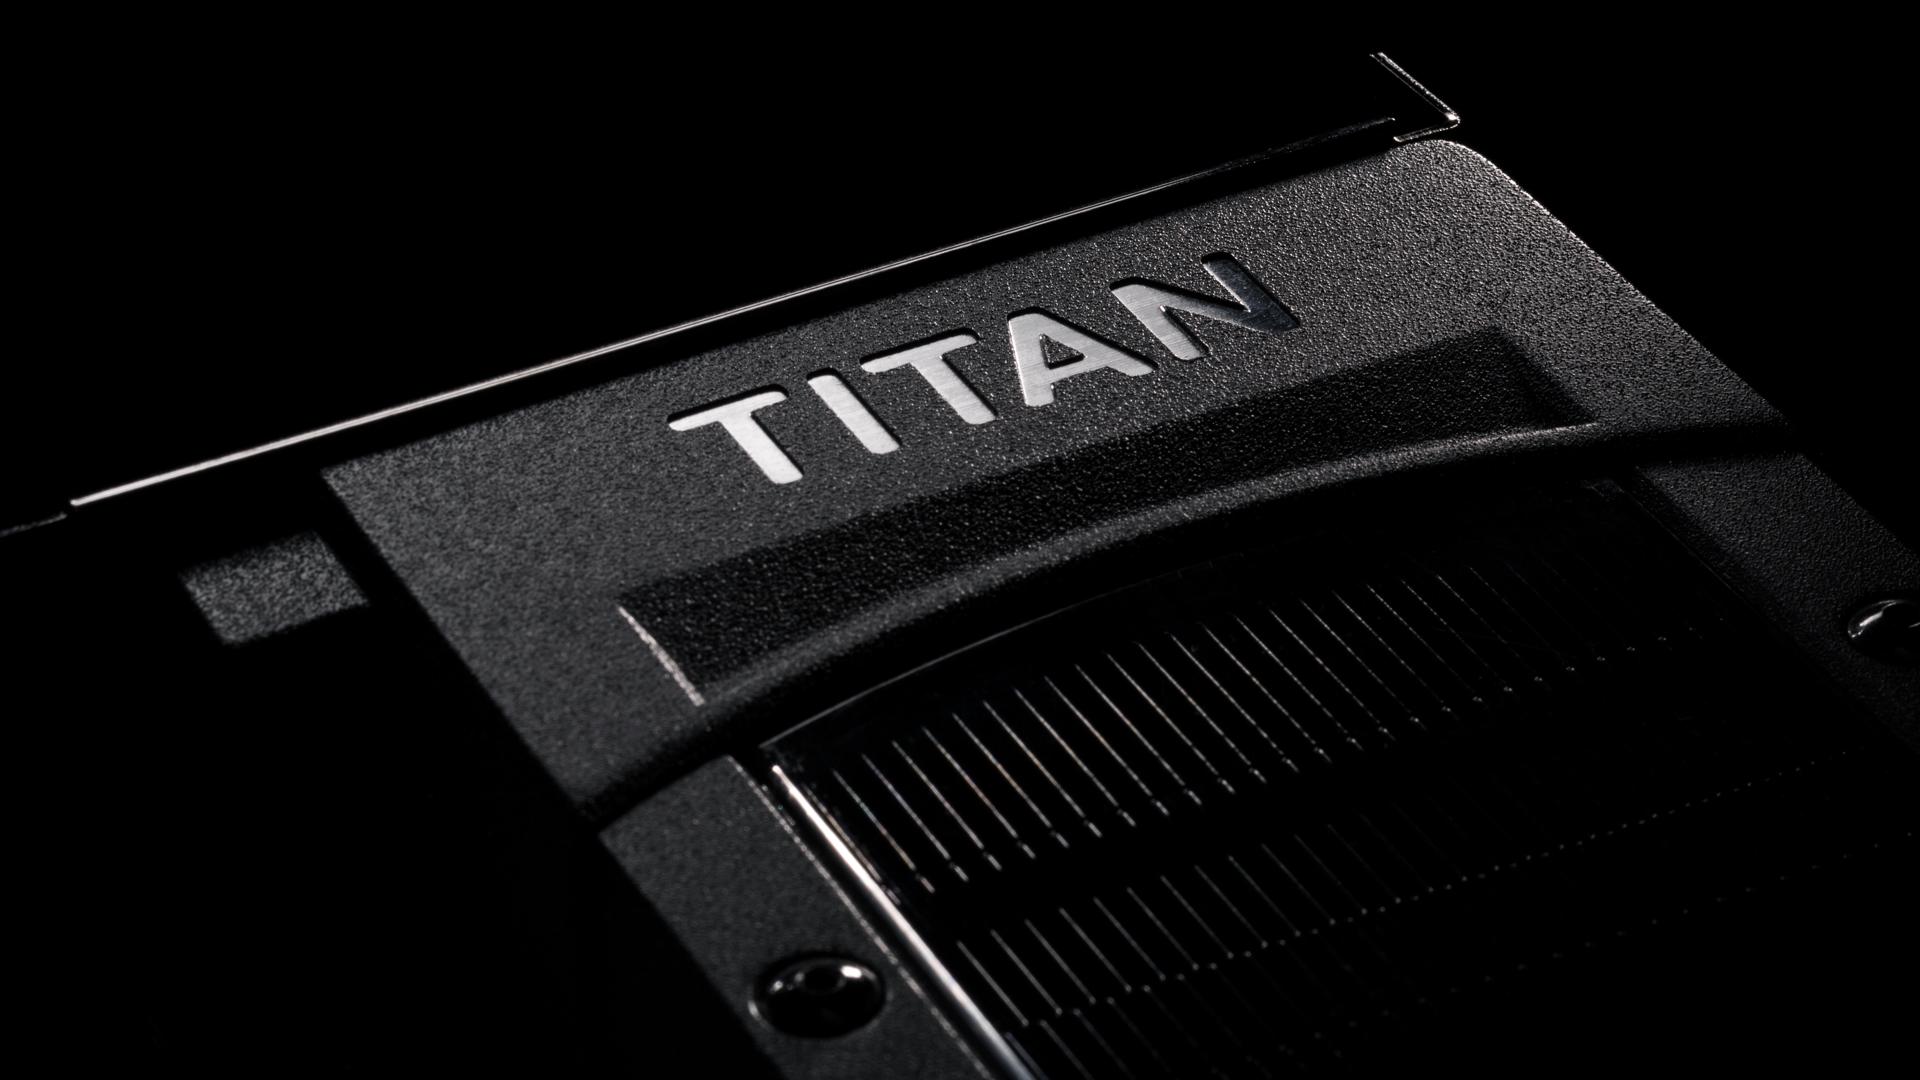 Видеокарта TITAN RTX официально анонсирована. Цена составляет 221 тысячу рублей!